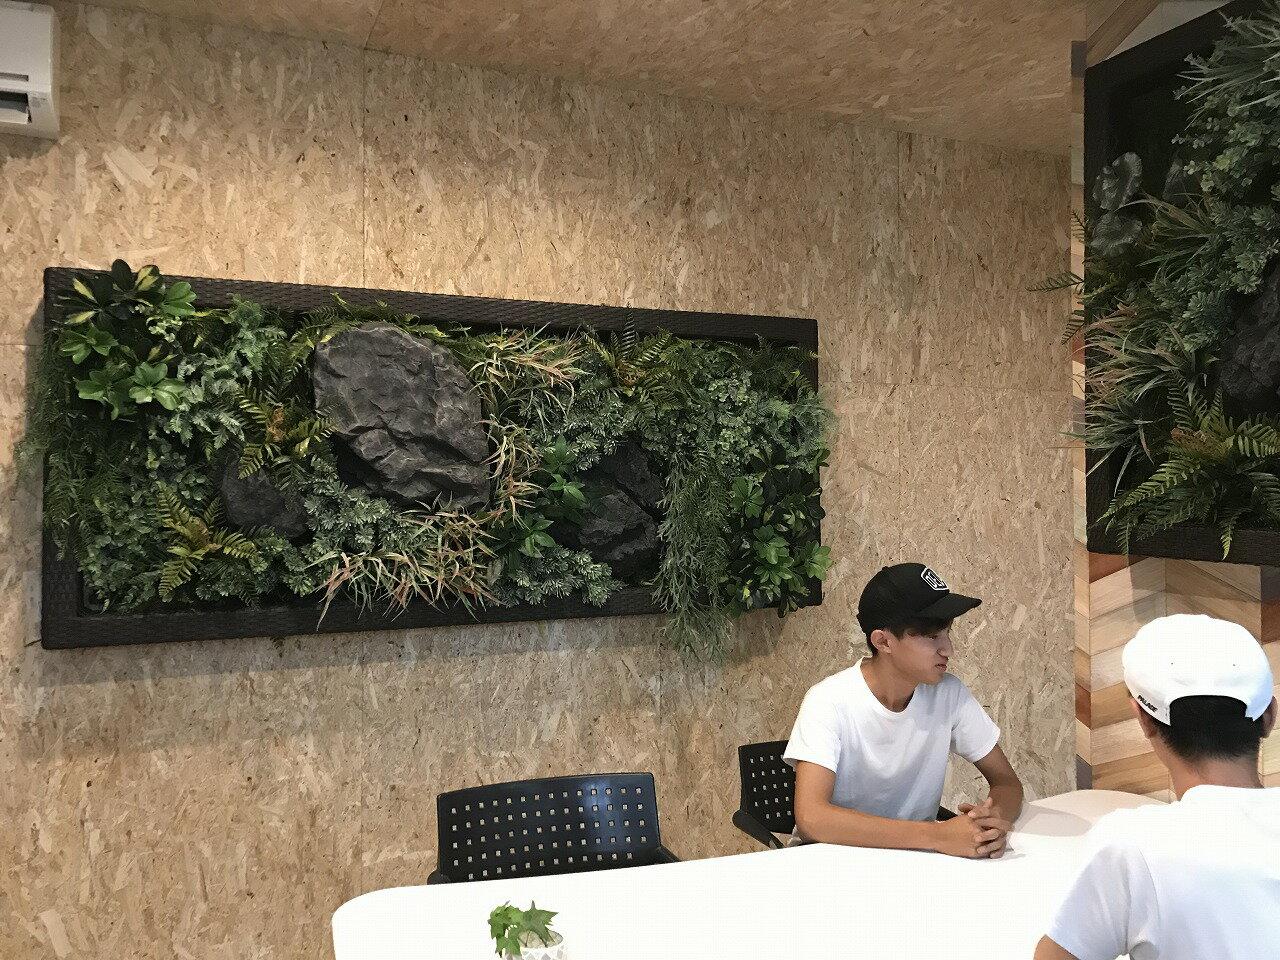 RattanFrame(大)【デコプラ】 壁面緑化 造花 ウォールグリーン 壁面 緑化 DIY パネル アート 壁付け 壁掛け 飾り 掲示板 インテリア おしゃれ きれい 簡単 フェイク 室内 観葉 植物 装飾 ボード 壁飾り 店舗 カフェ 喫茶店 美容院